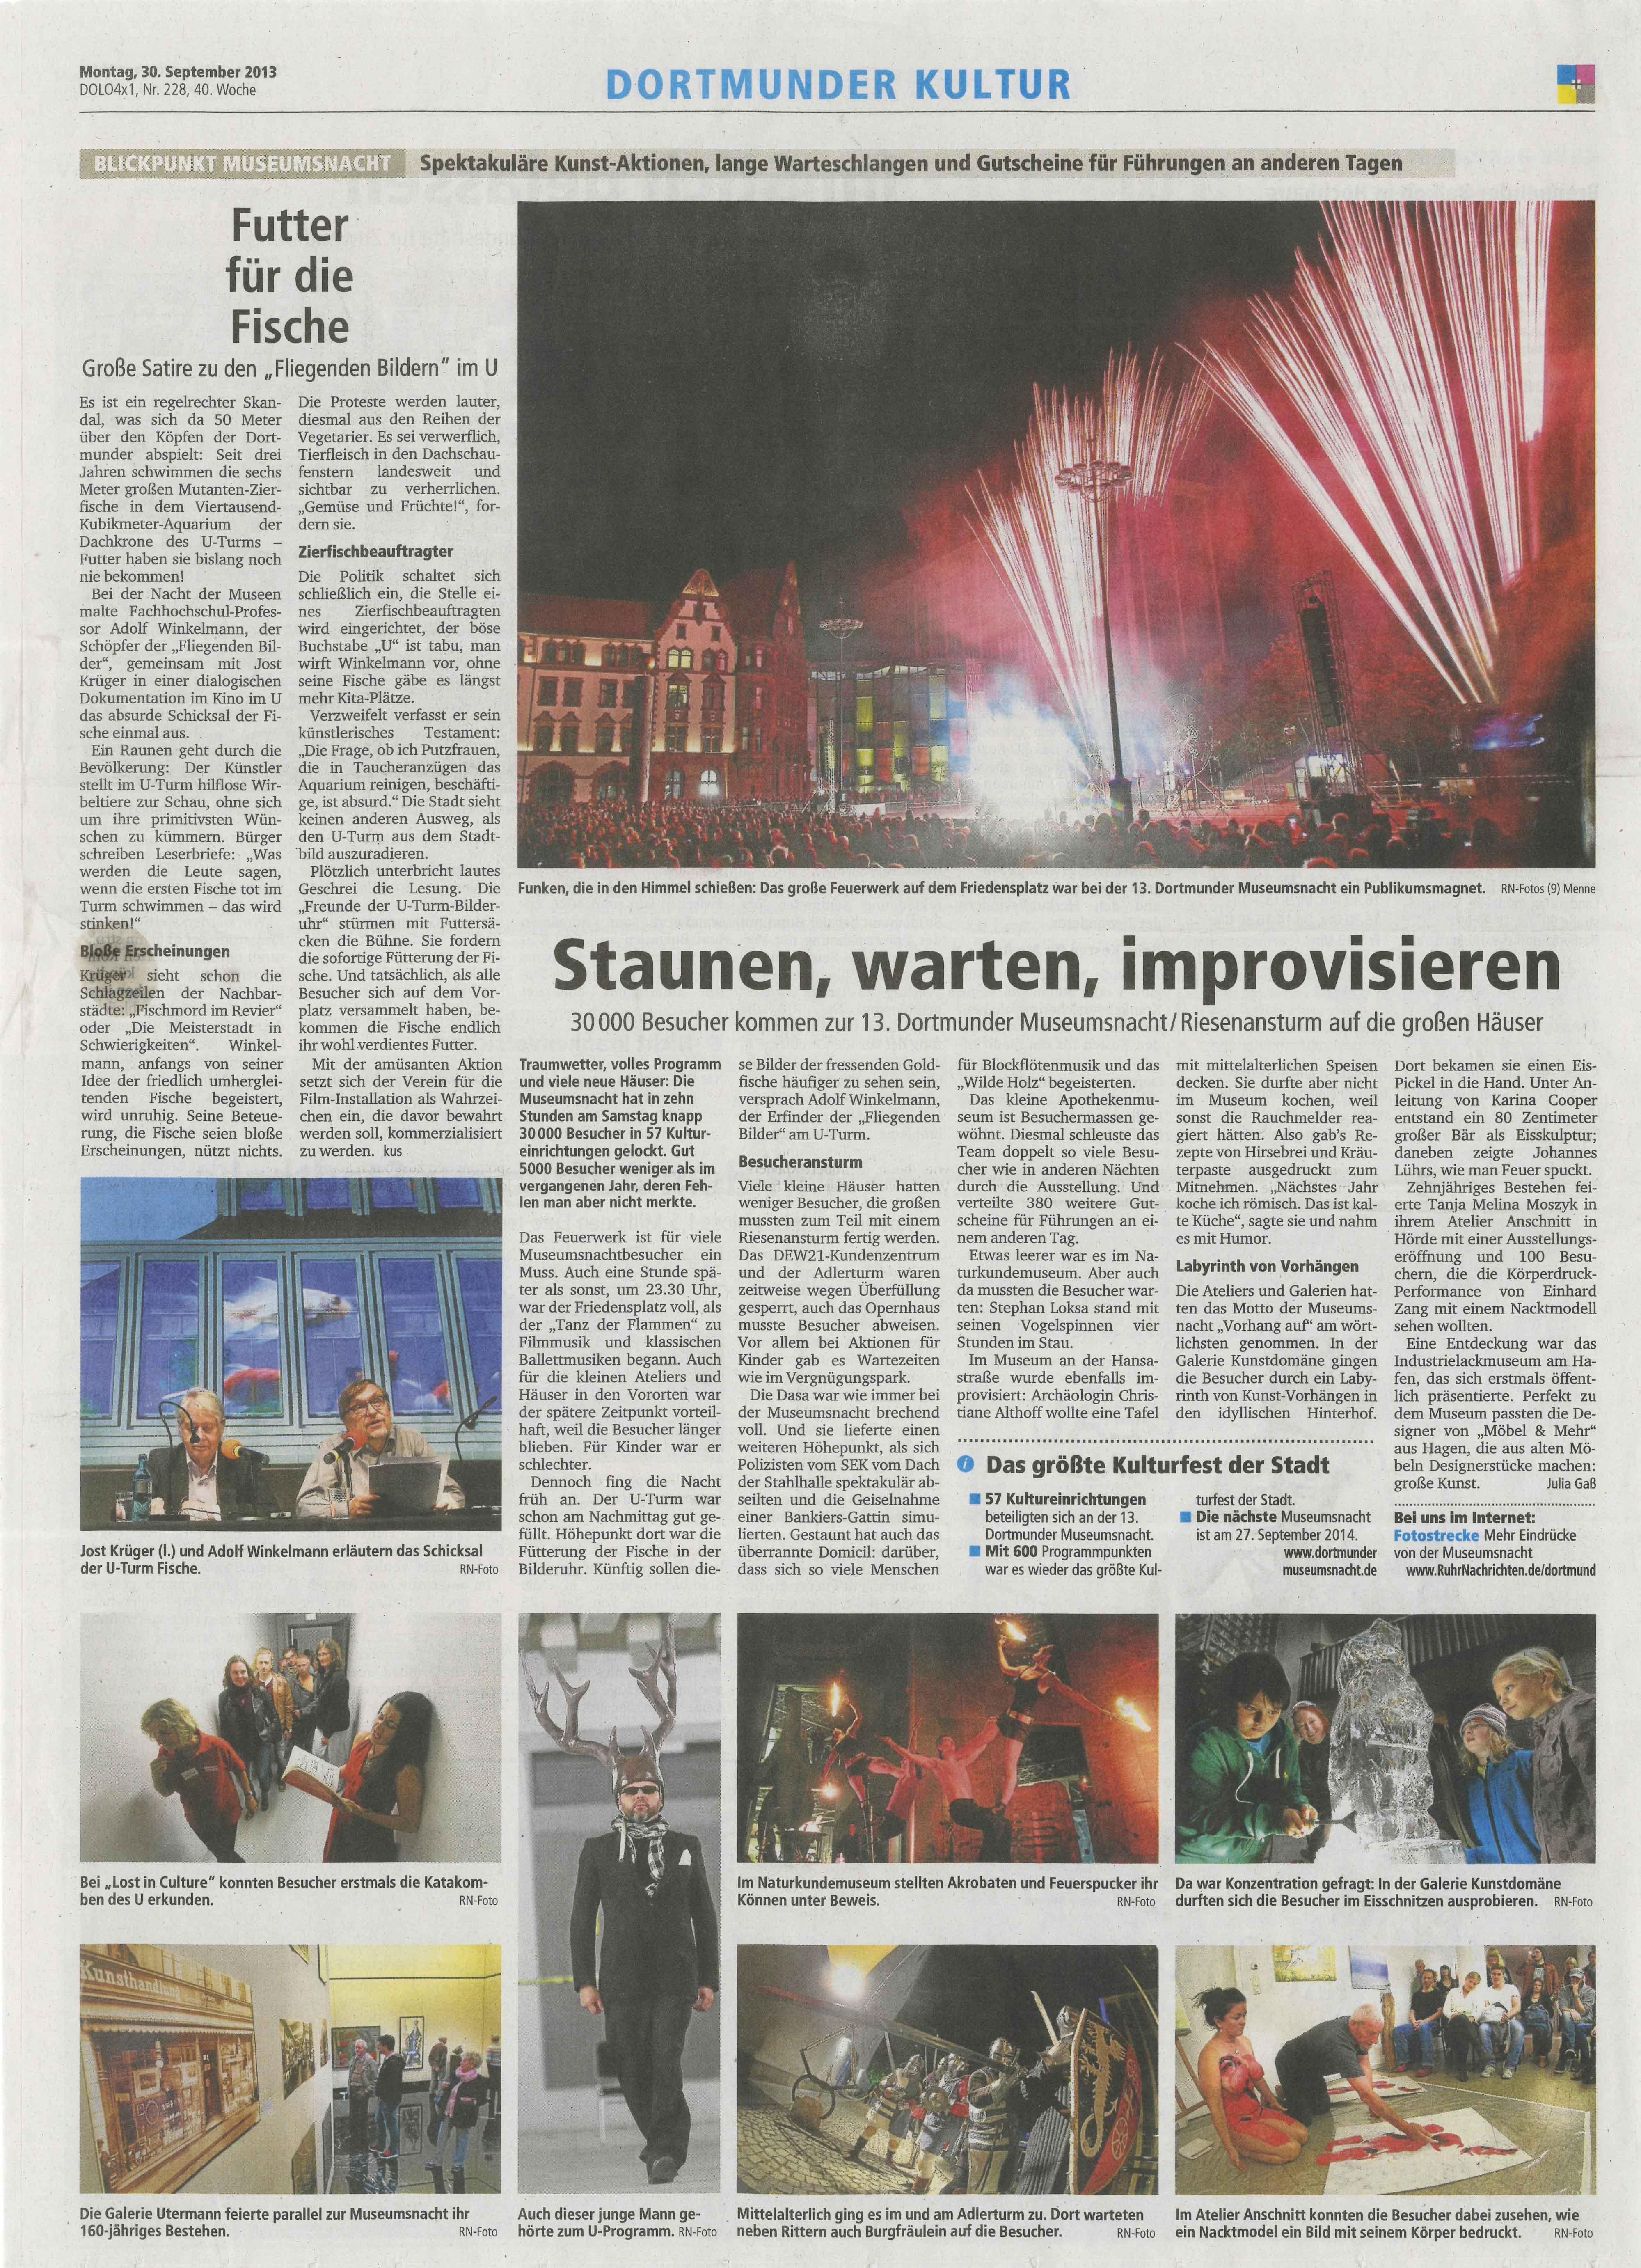 2013.09.30_RN_Museumsnacht_Dortmunder_Kultur2